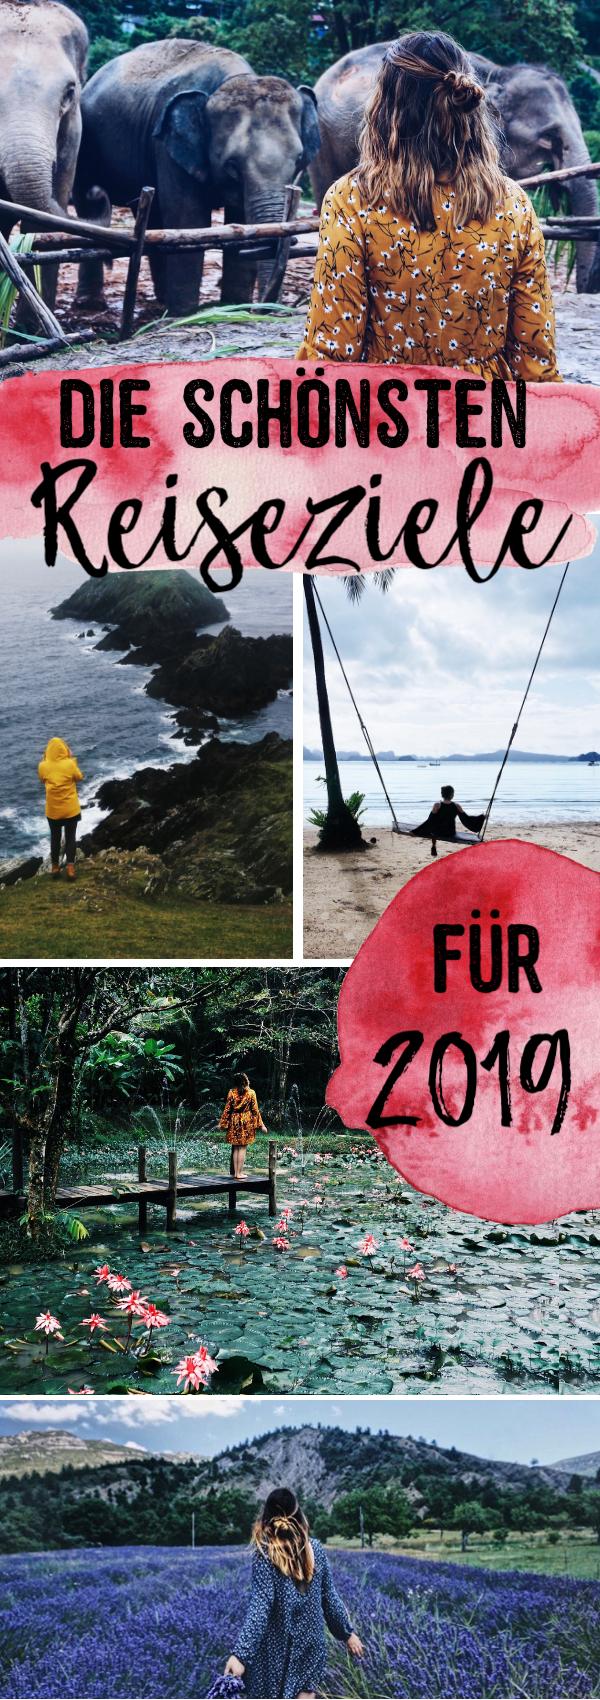 Die schönsten Reiseziele für 2019 | Reisetipps und Orte